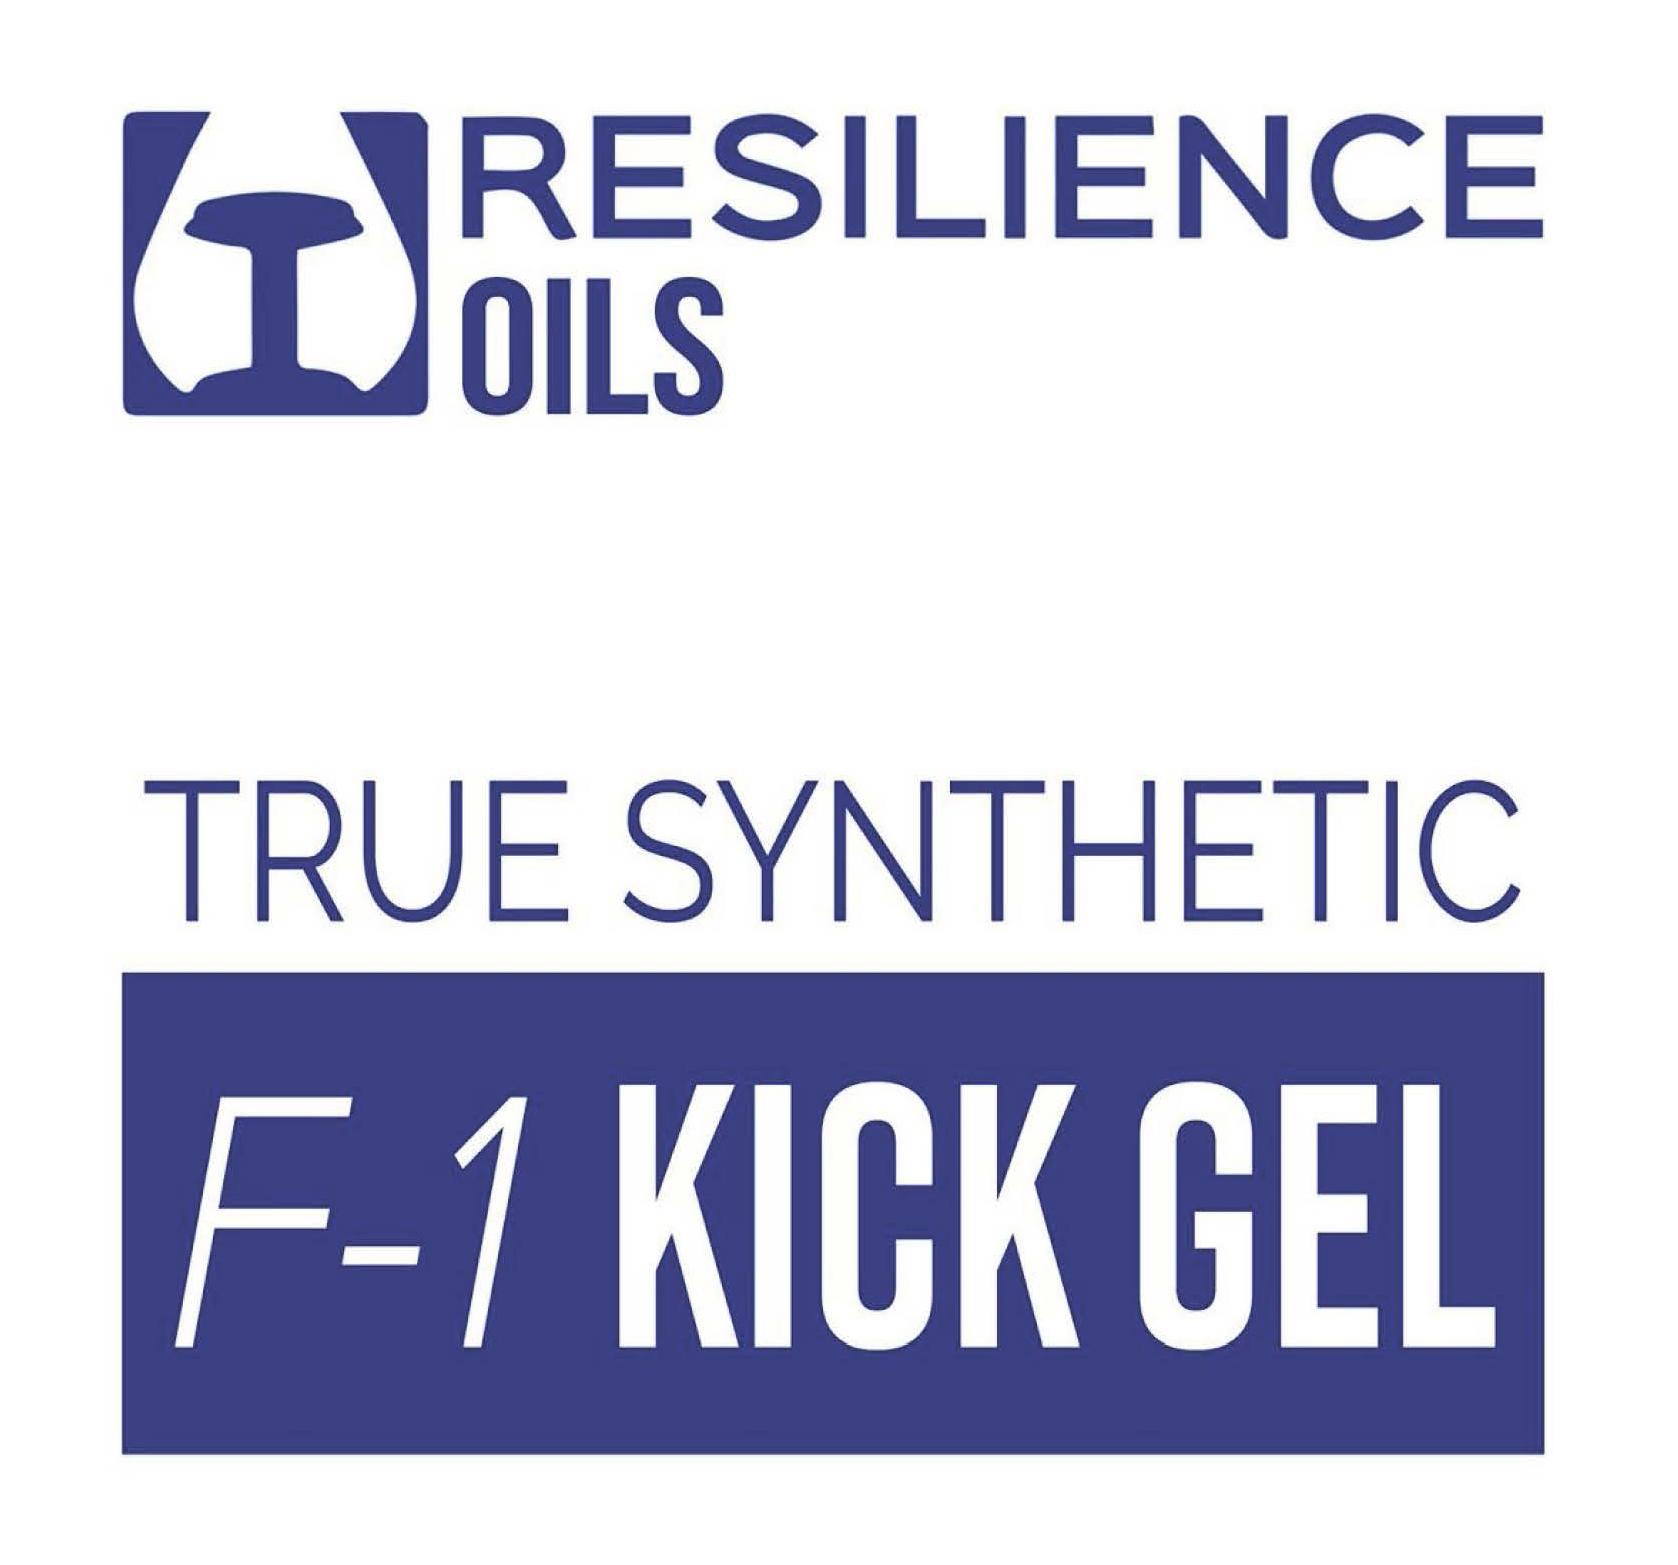 F-1 Kick Gel.jpg